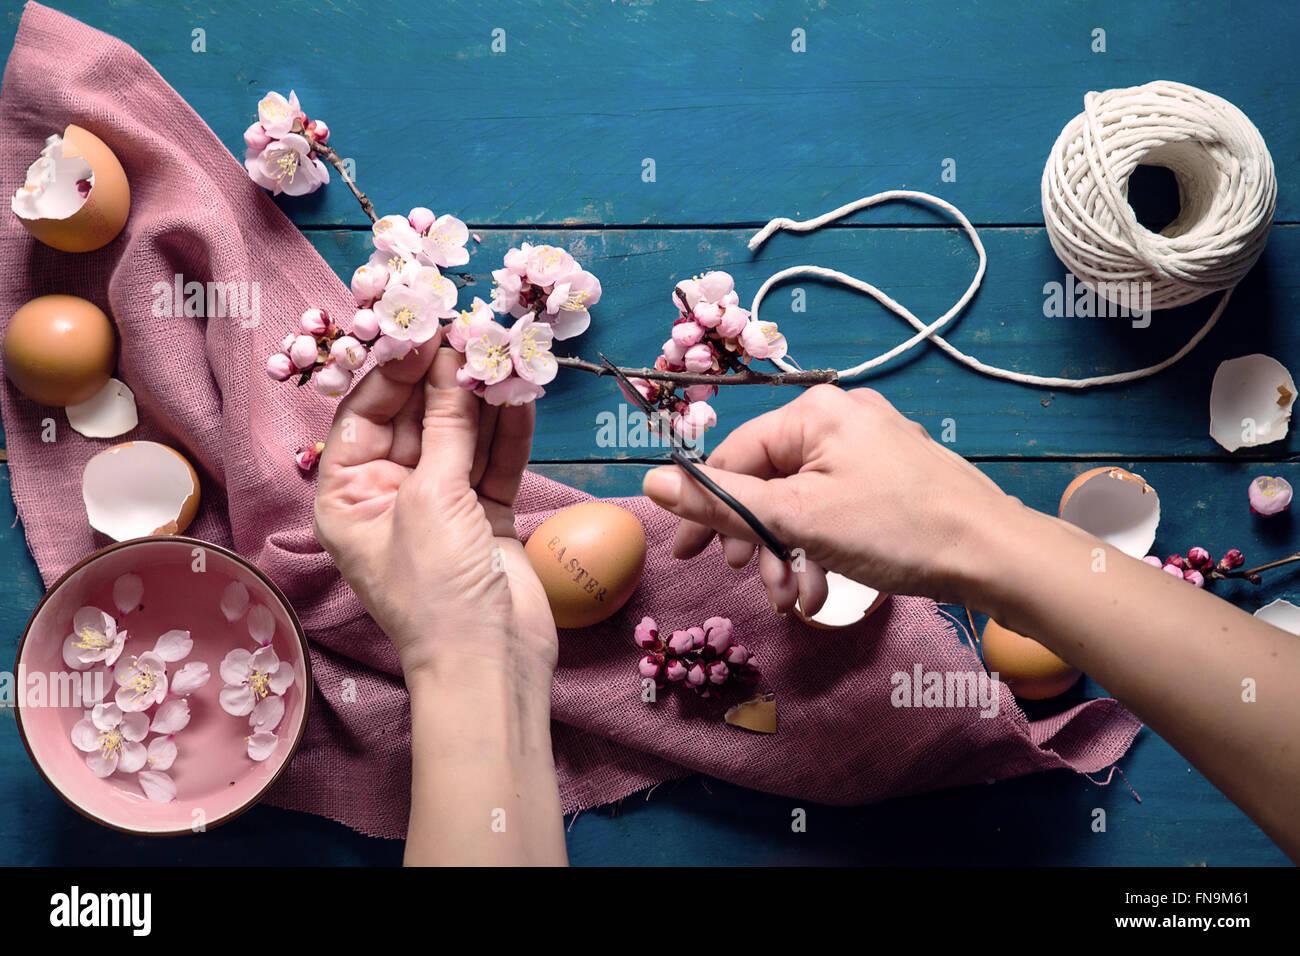 Donna taglio mani rendendo la decorazione di pasqua Immagini Stock